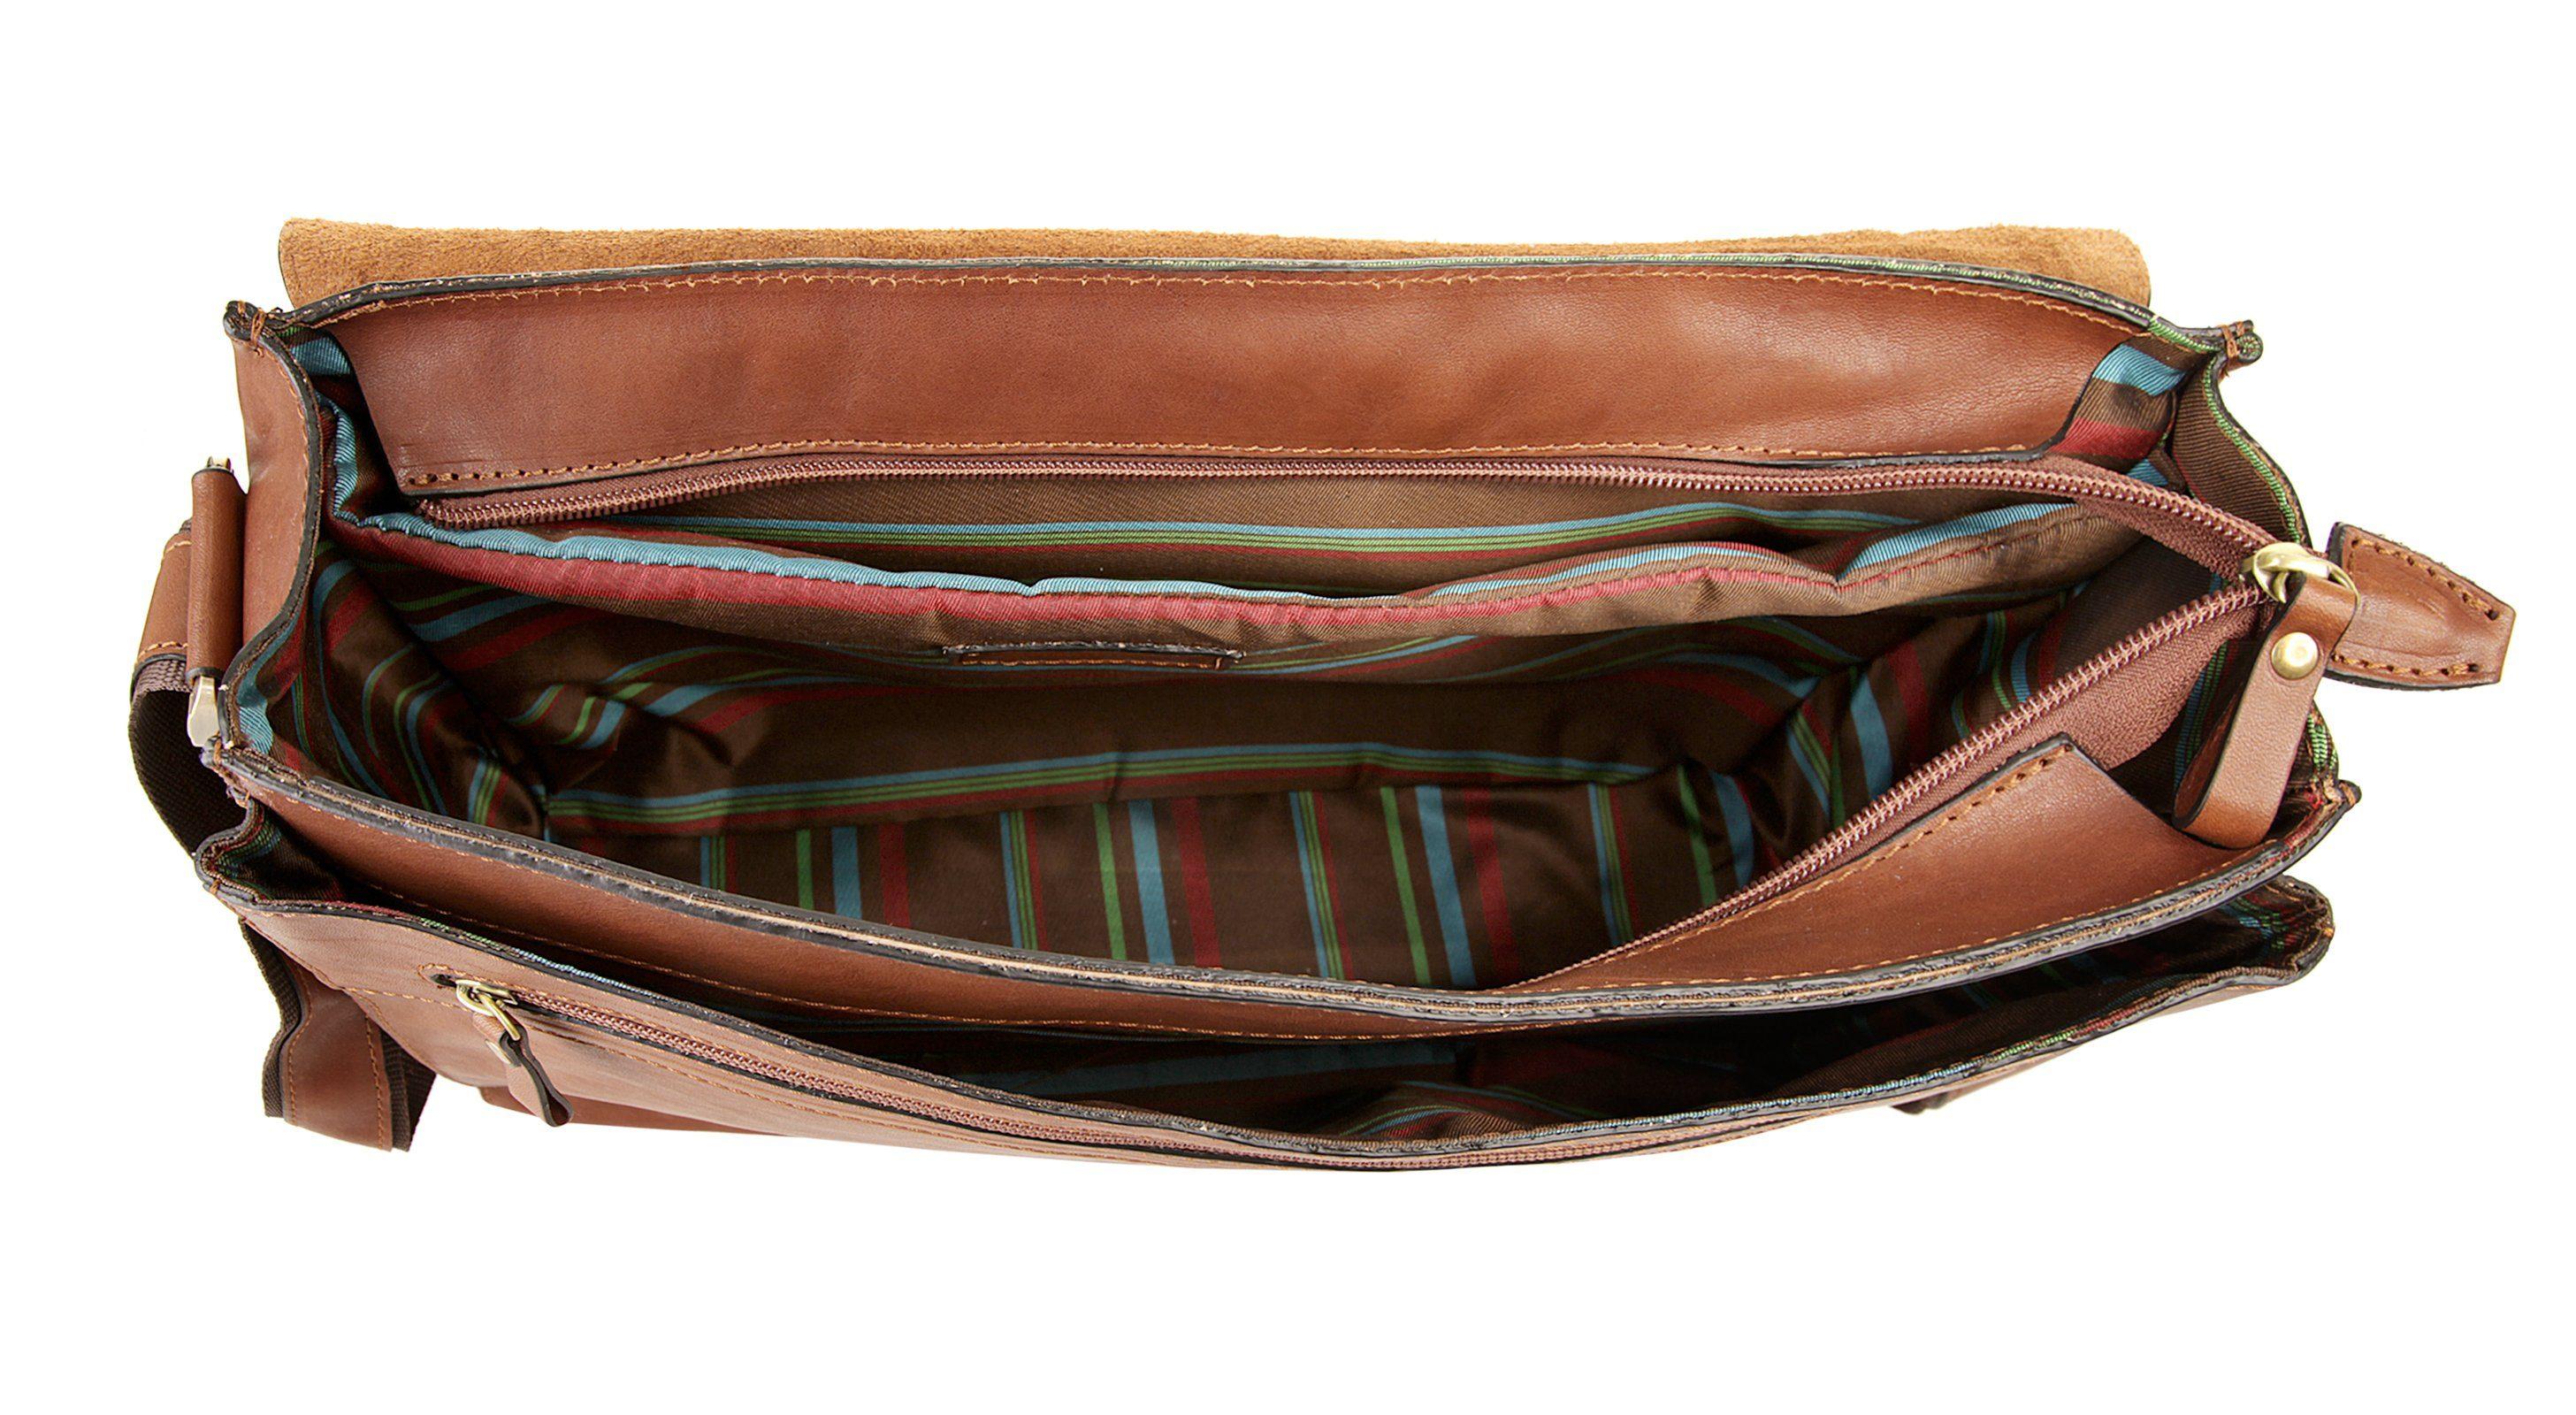 Online Bag Messenger Piké Online Kaufen Bag Piké Piké Bag Messenger Messenger Kaufen lKJT3F1c